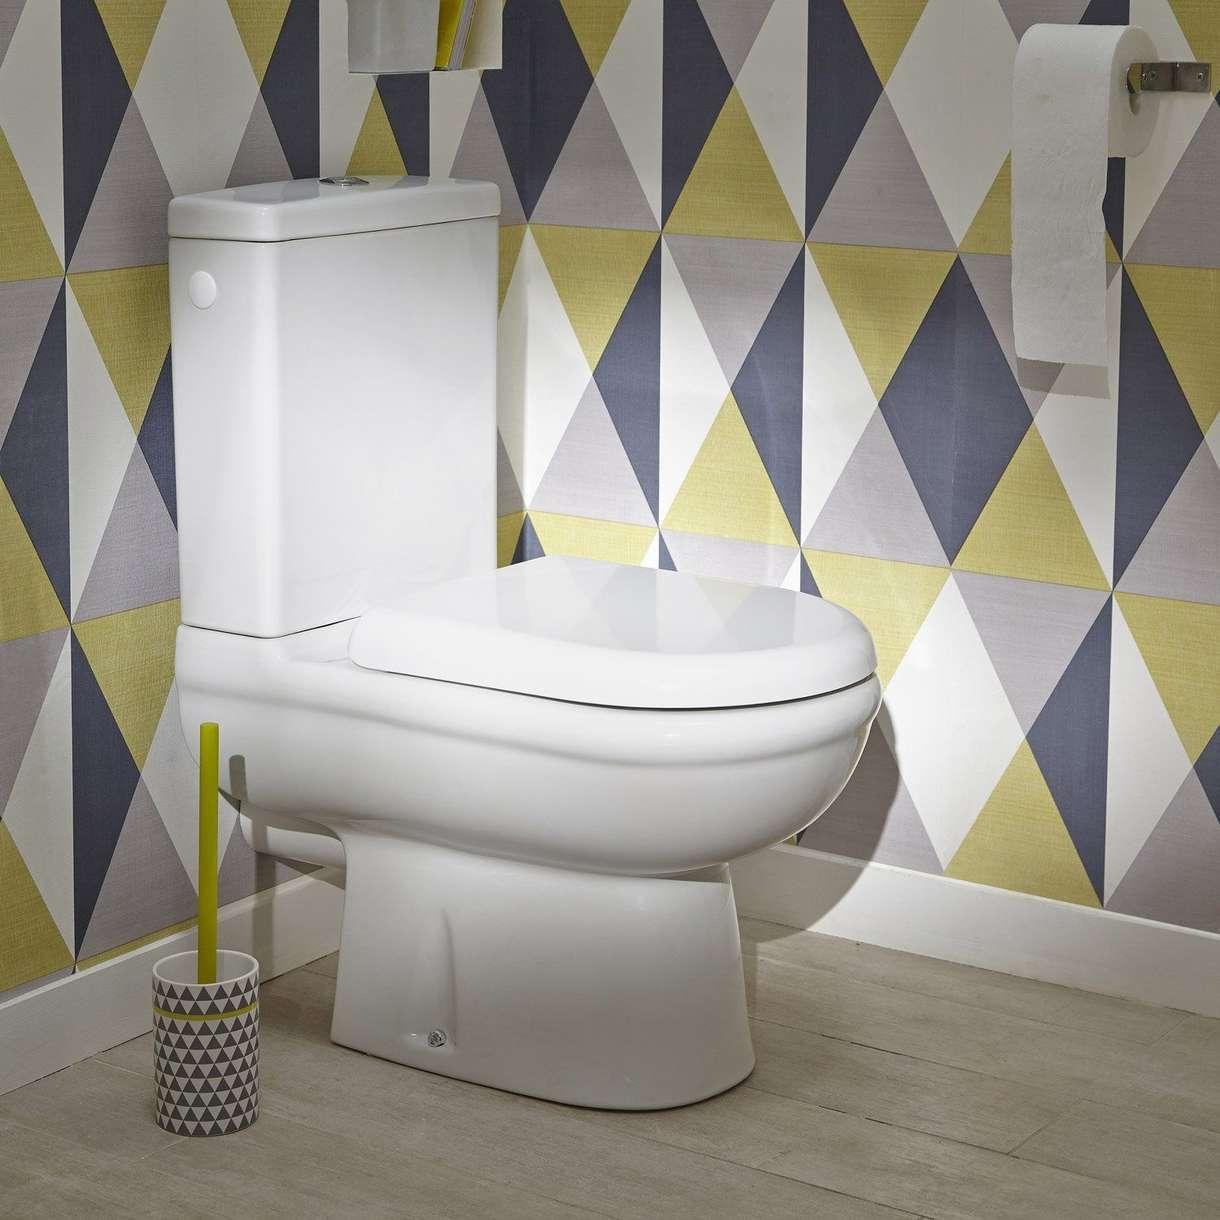 Обои в туалете геометрические